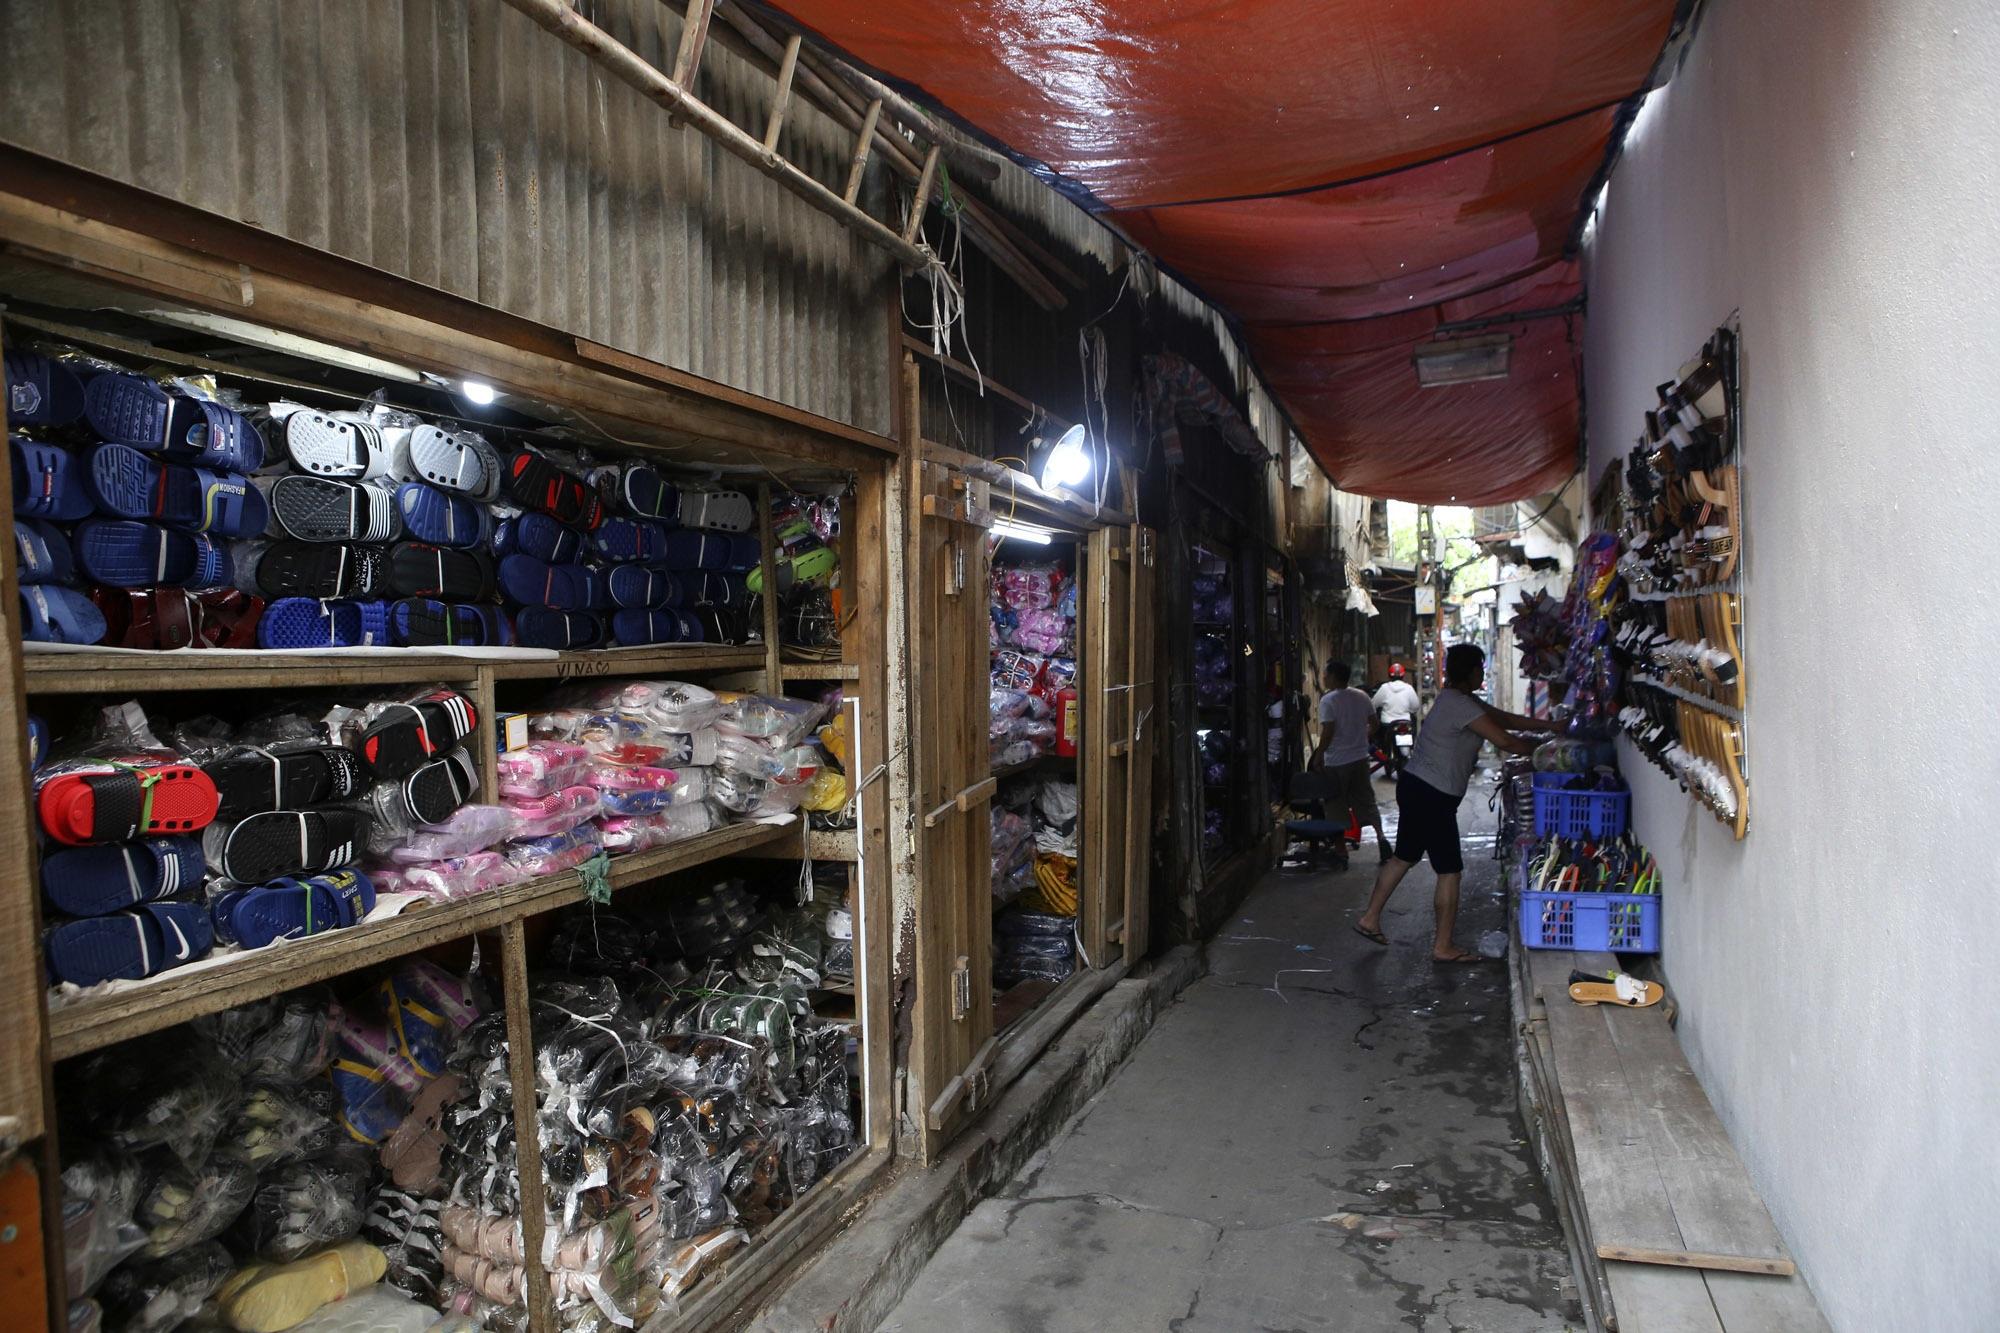 Nhịp sống sôi động trong ngõ siêu nhỏ ở phố cổ Hà Nội - 14